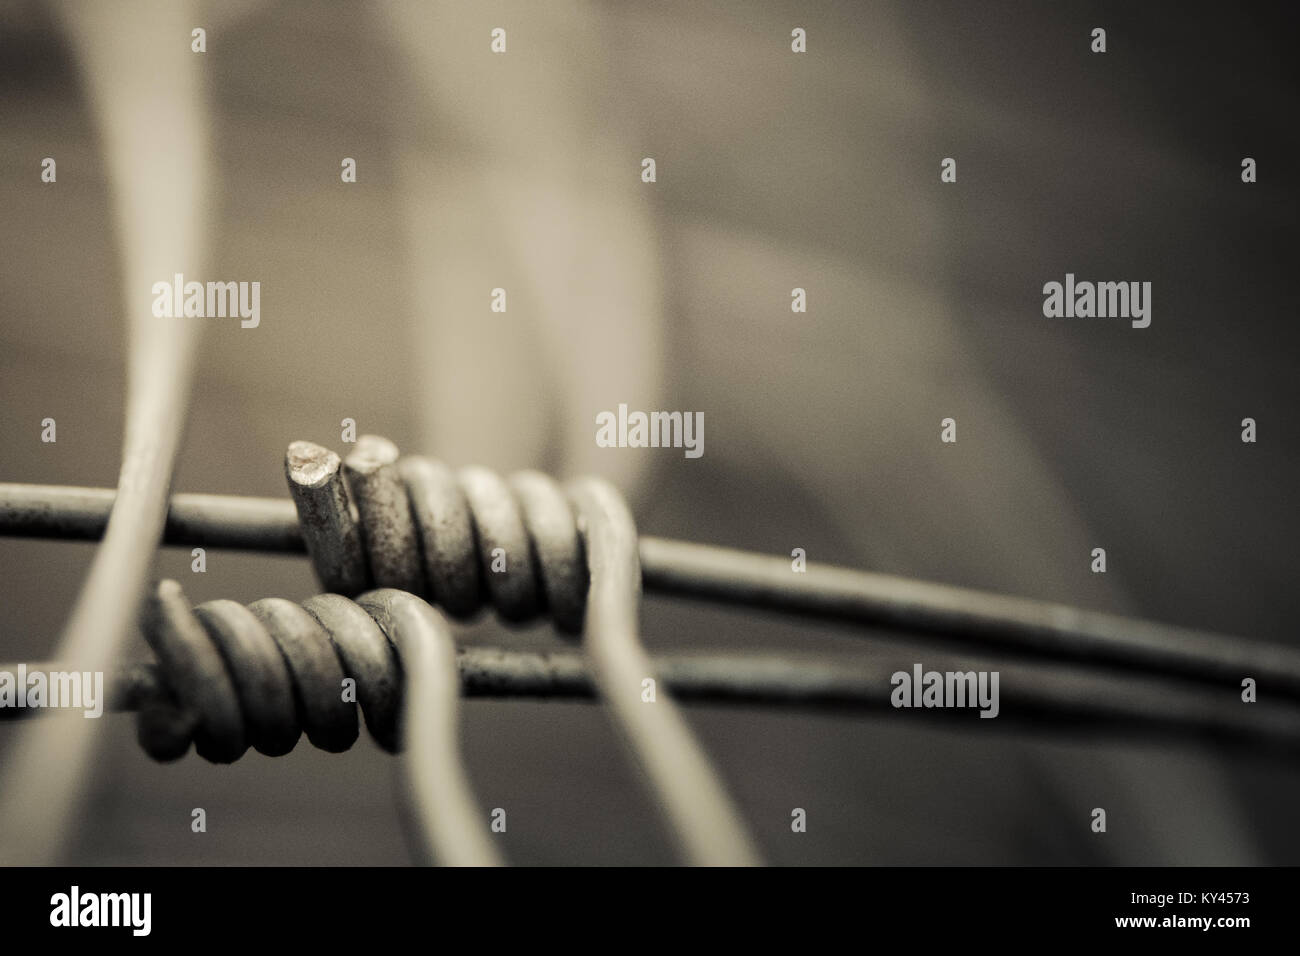 Detail aus Metall Drahtgeflecht auf unscharfen Abstrakt Hintergrund. Künstlerische Melancholie in der Nähe Stockbild